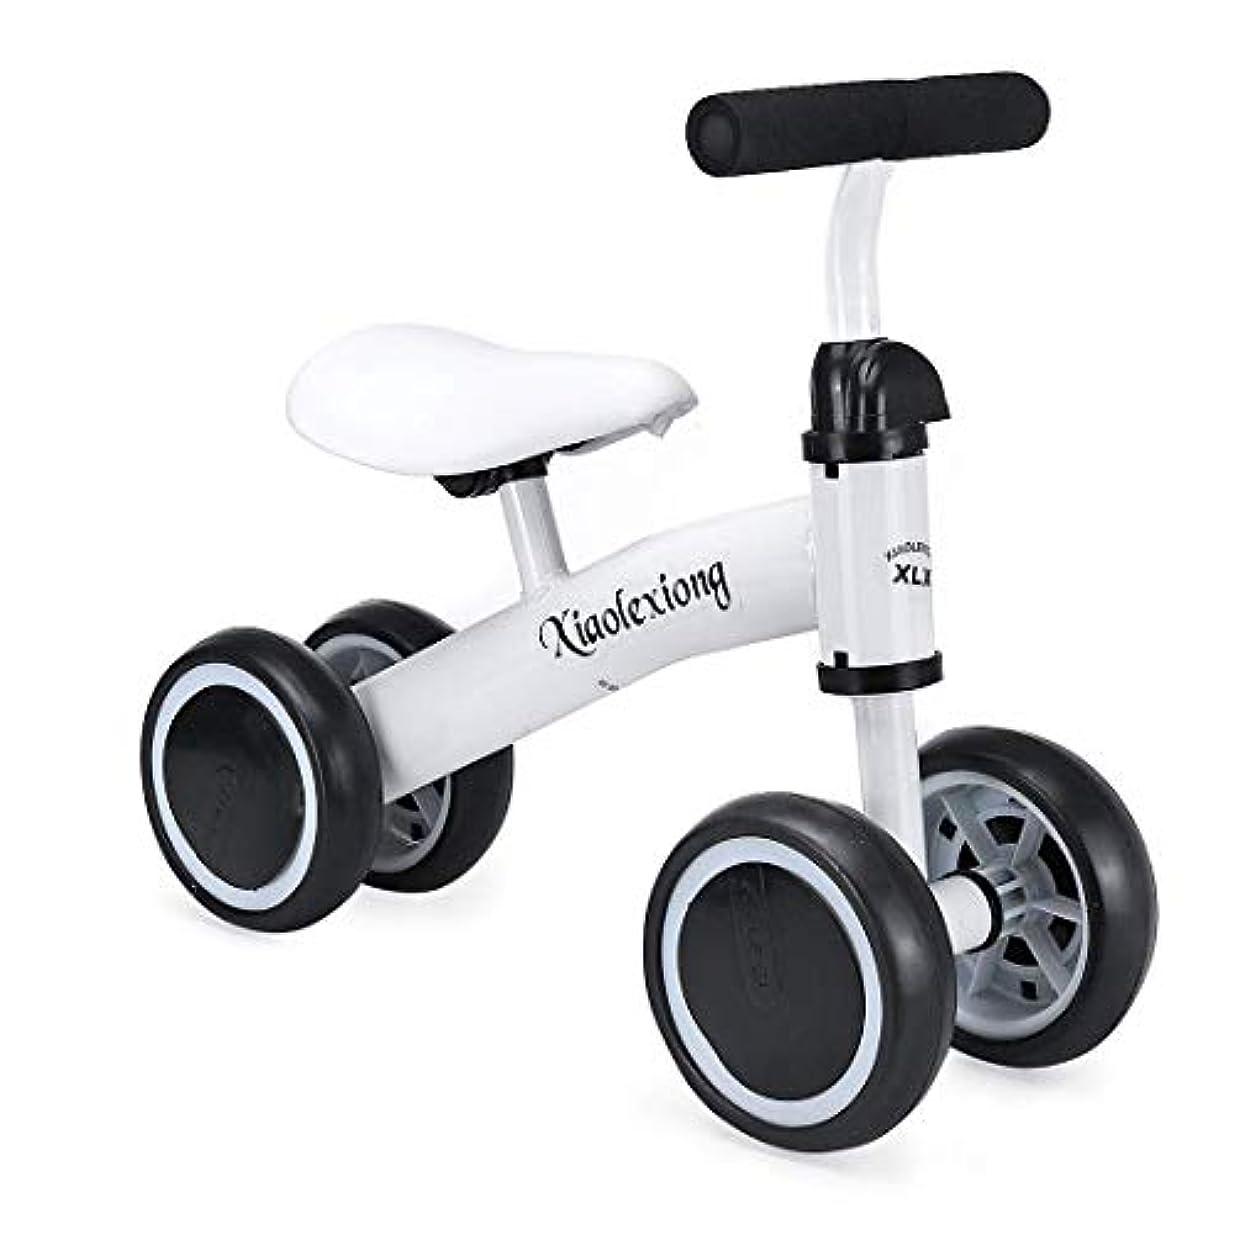 受け取る句チキン1-2歳、赤ちゃんバランスバイク、子供や幼児まずバイク誕生日ギフト(ホワイト)のためのバランスバイクのベビーウォーカープッシュバイク赤ちゃんに乗ってバイク